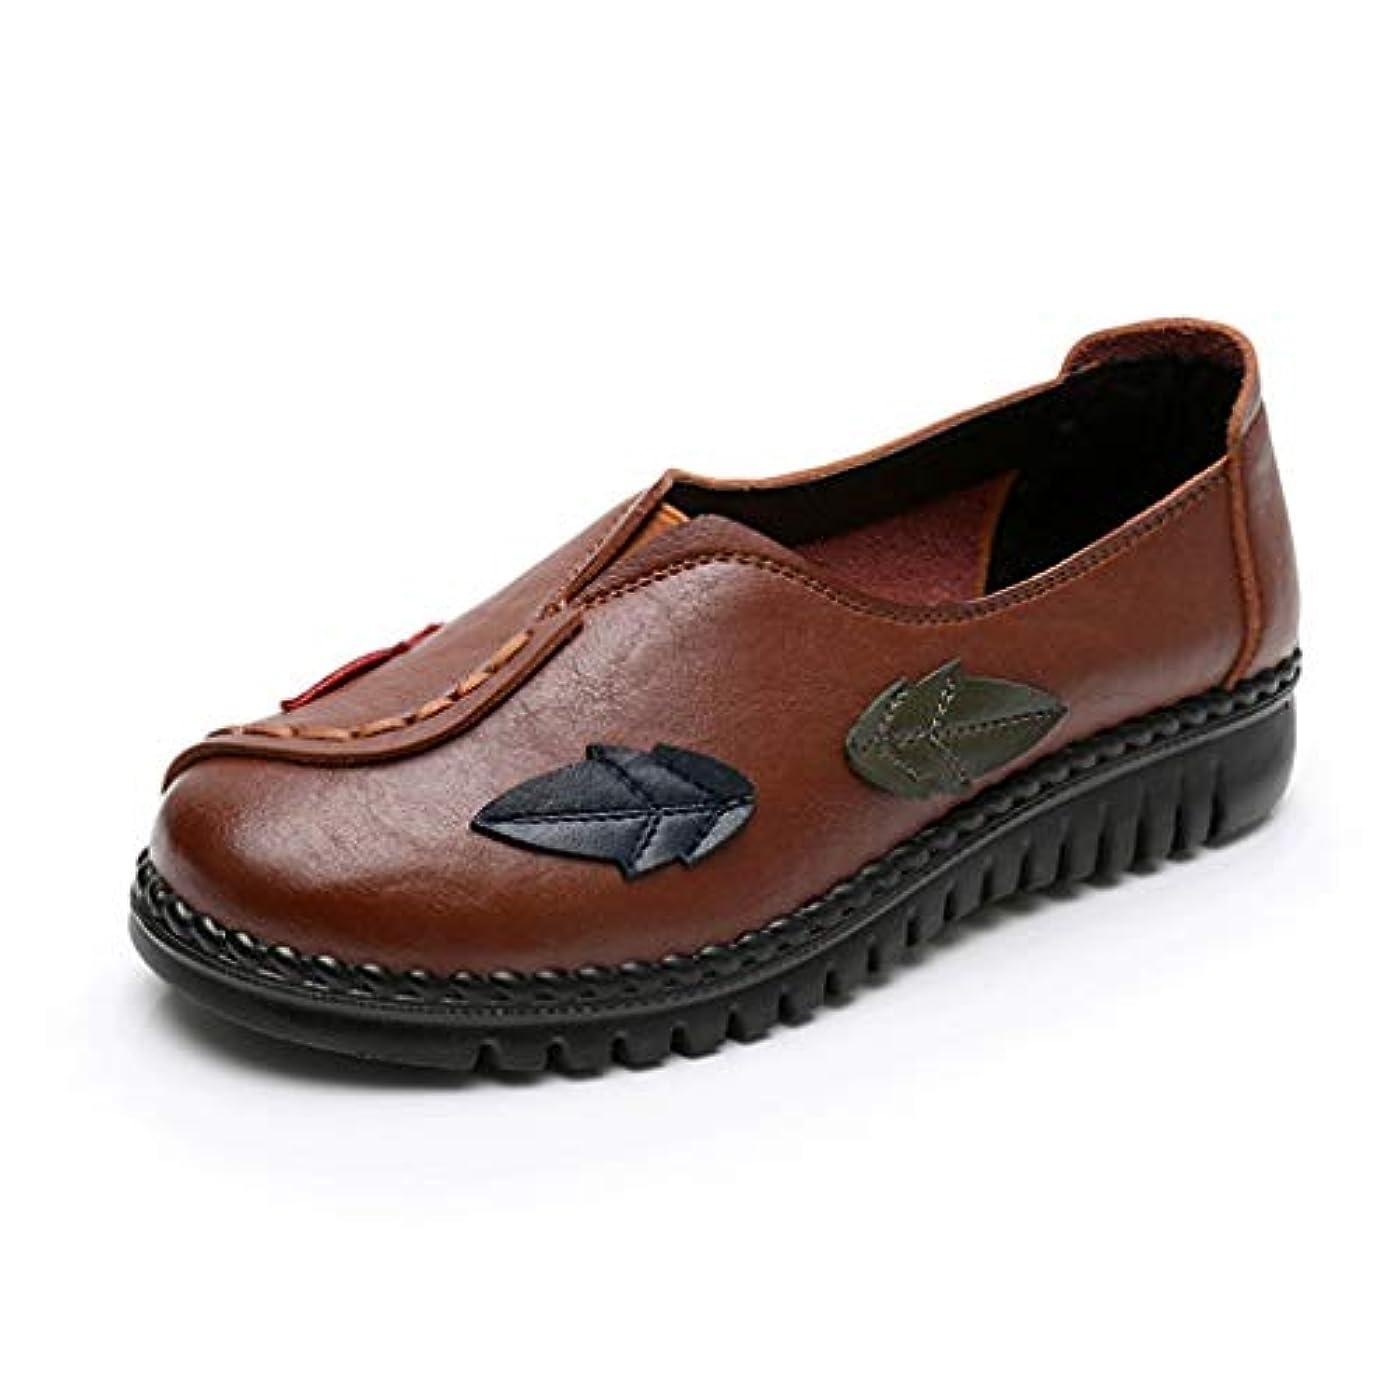 連隊ネブひどい[実りの秋] シニアシューズ レディース 25.5CMまで お年寄りシューズ 葉柄 疲れにくい 滑り止め 婦人靴 モカシン 介護用 軽量 安定感 通気性 高齢者 母の日 敬老の日 通年